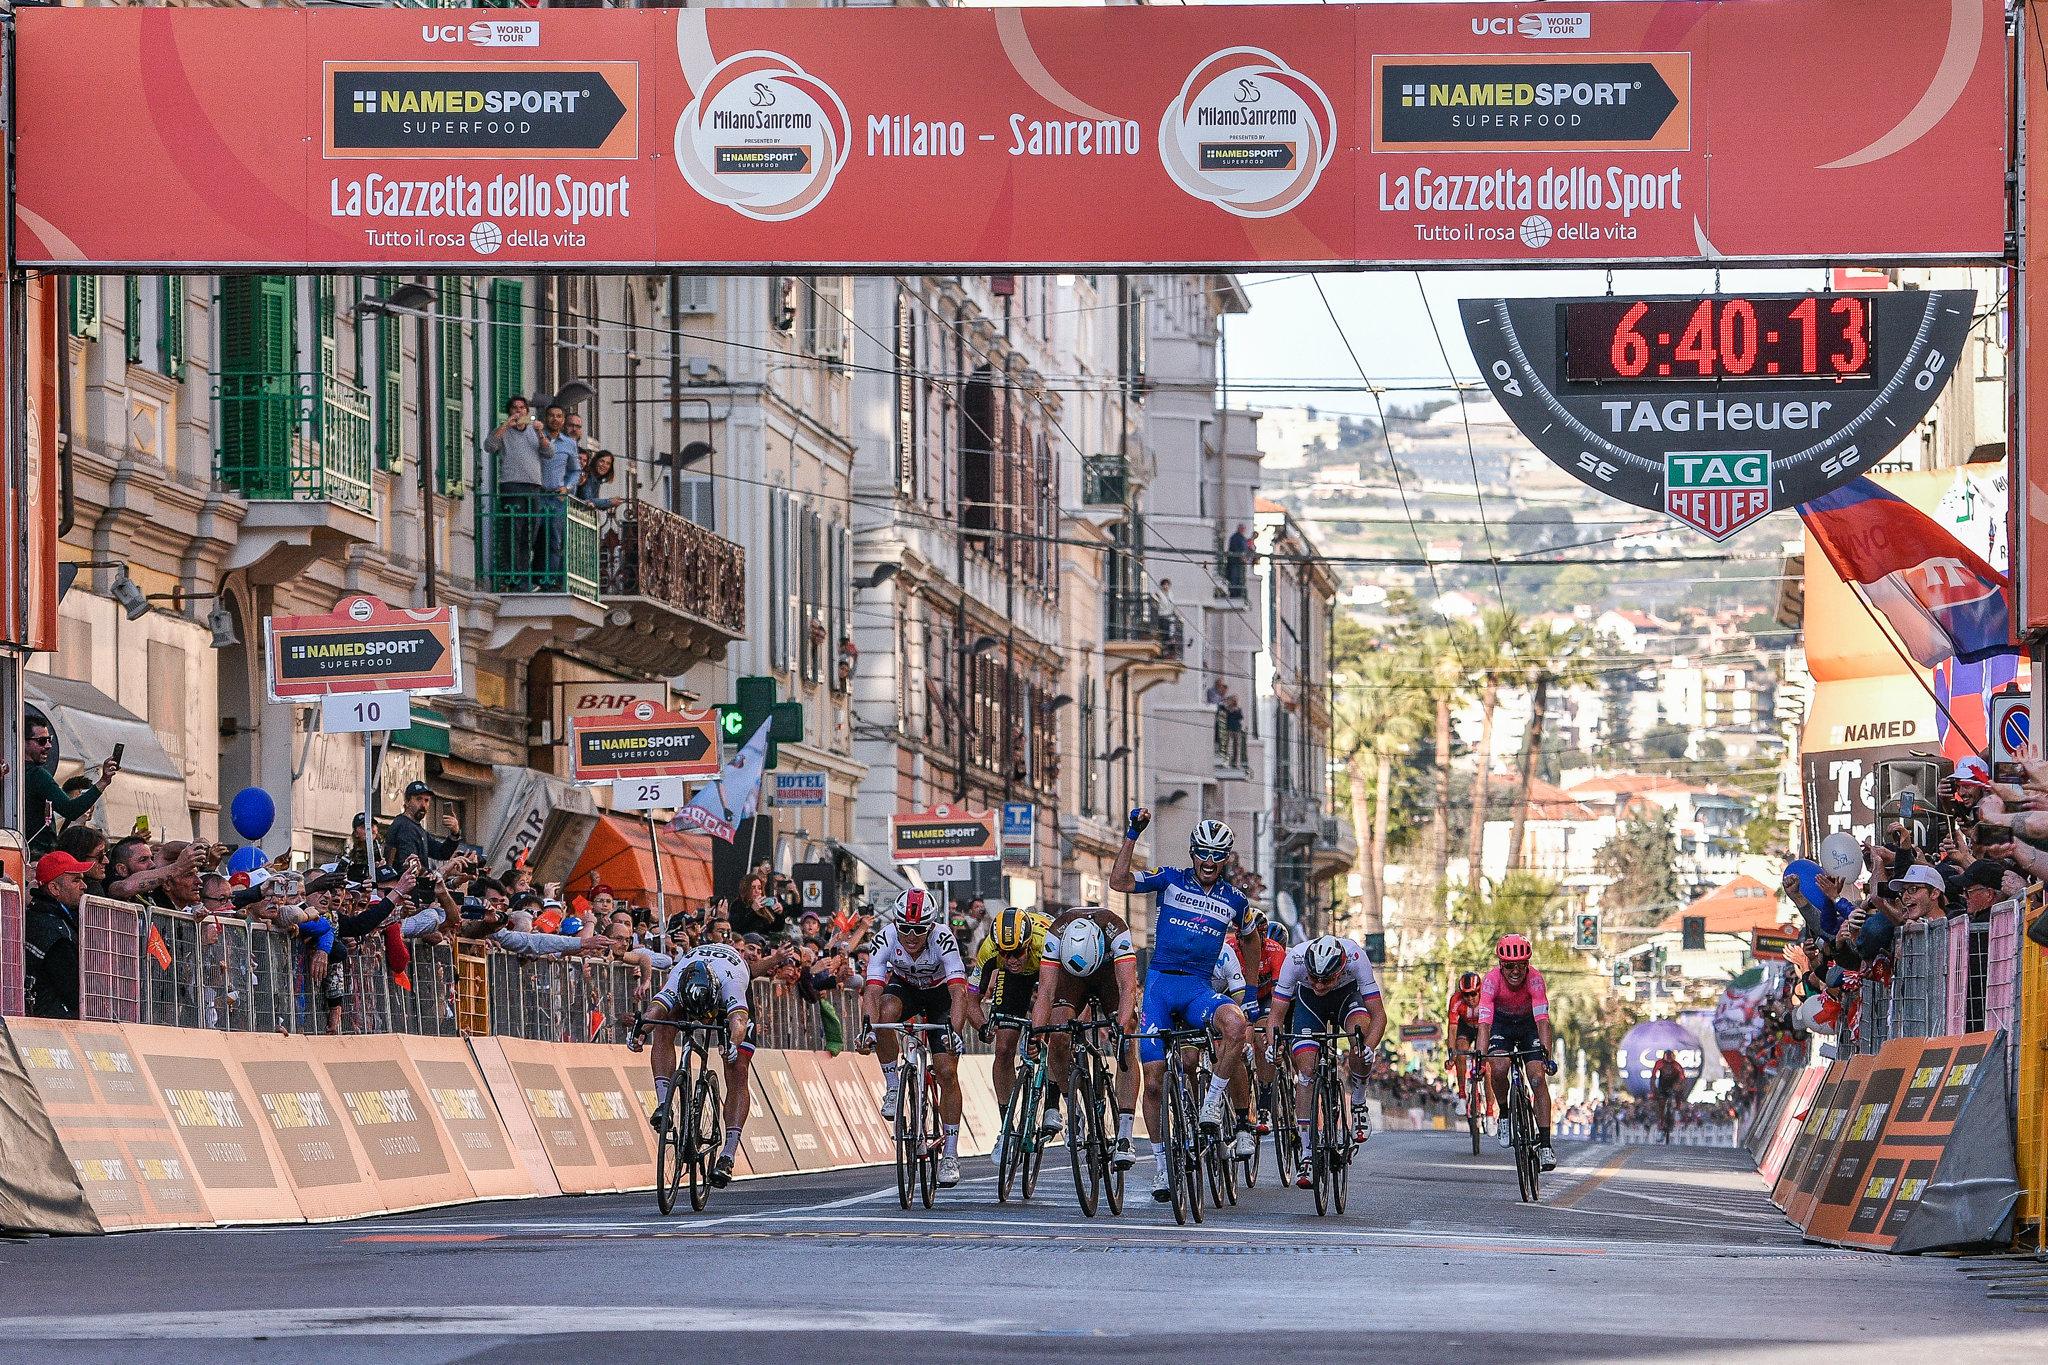 27 teams med i Milano-Sanremo